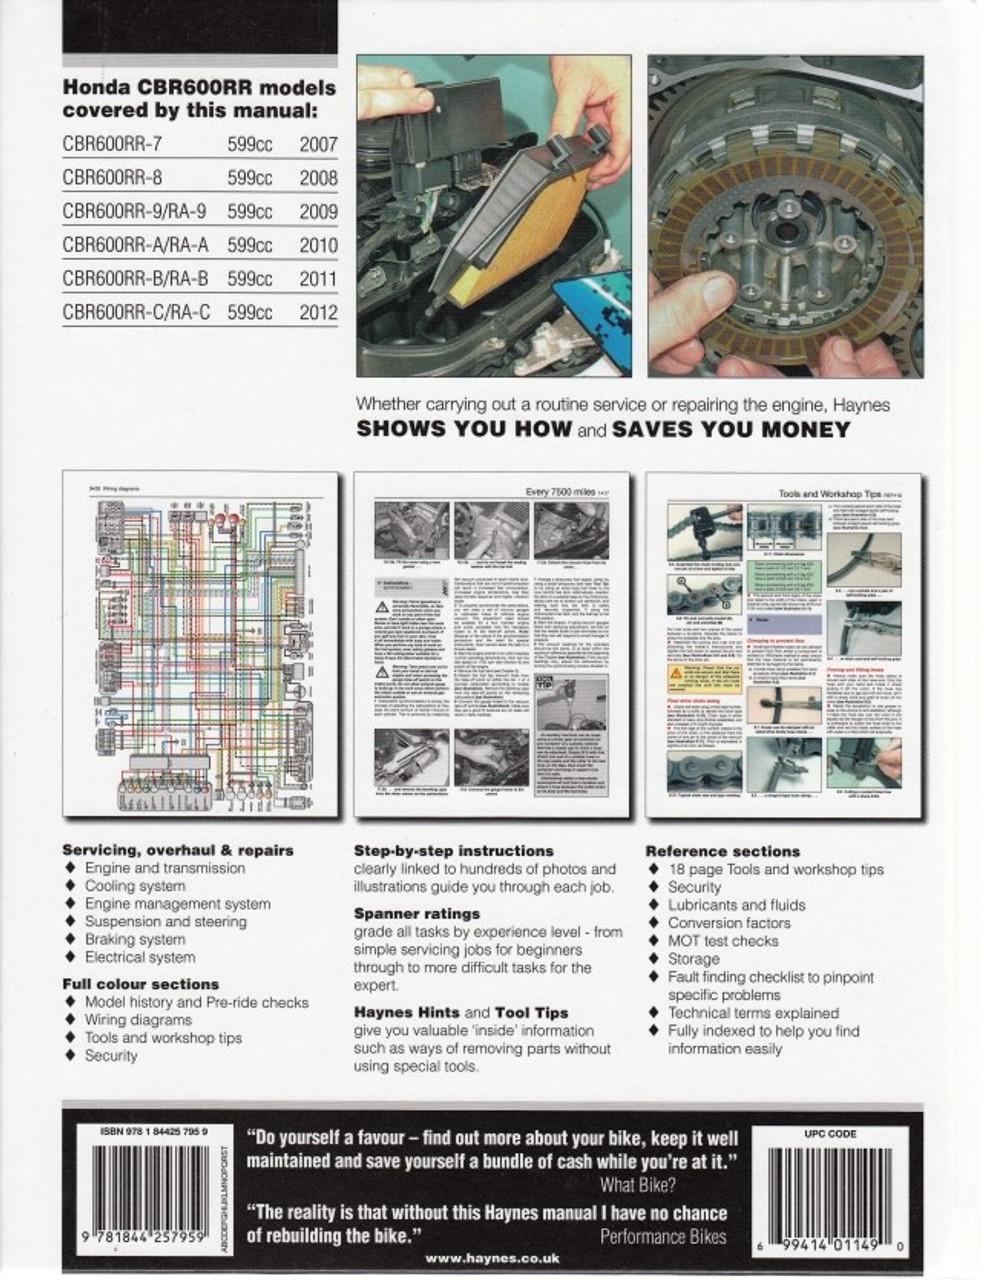 honda cbr600rr 2007 - 2012 repair manual, back cover